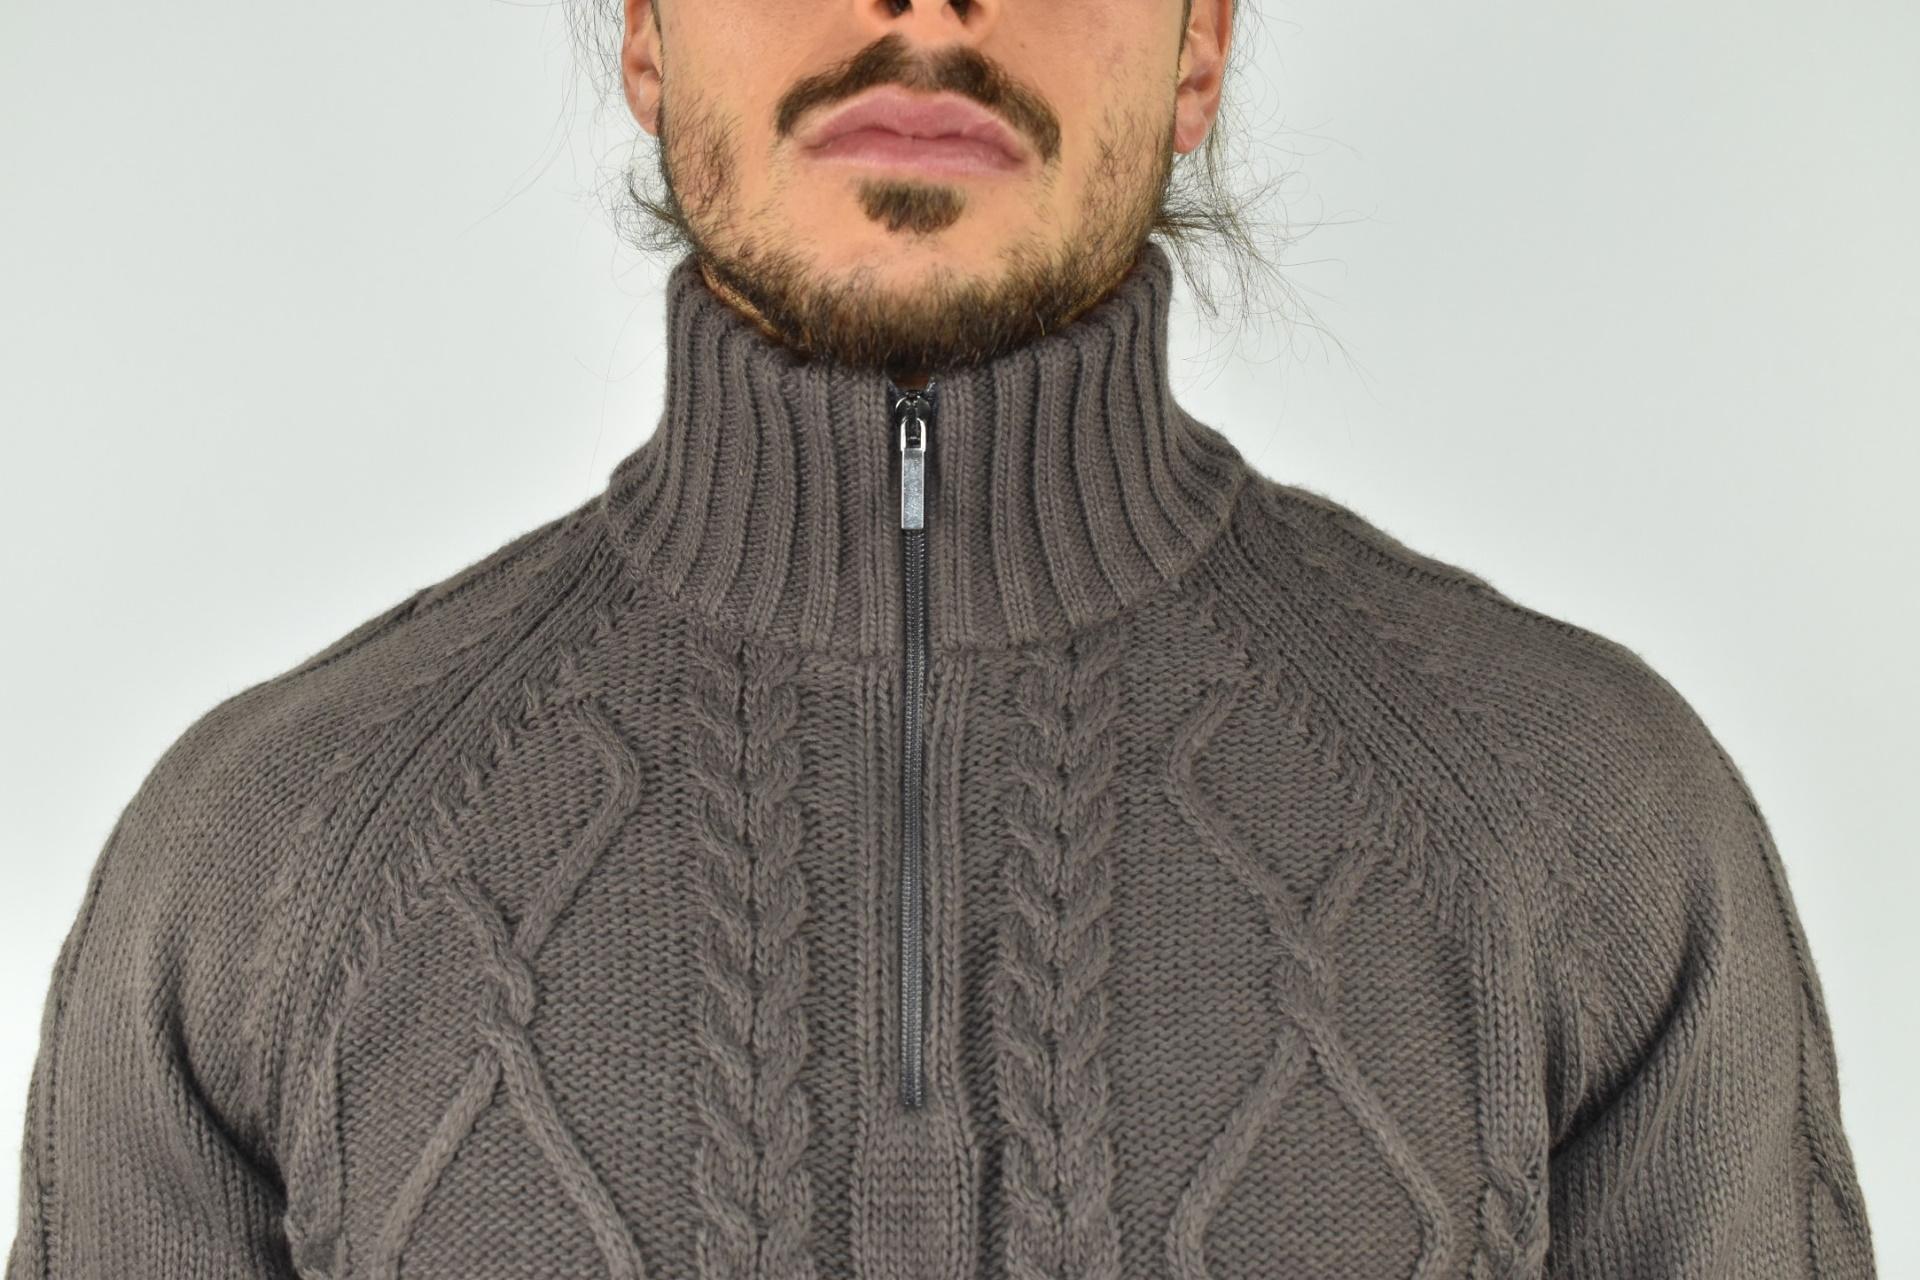 LUPINEMA CASTORO MAGLIA UOMO MEZZA ZIP MANICA LUNGA LAVORAZIONE TRECCE 2 1stAmerican maglione invernale da uomo mezza zip manica lunga lavorazione trecce